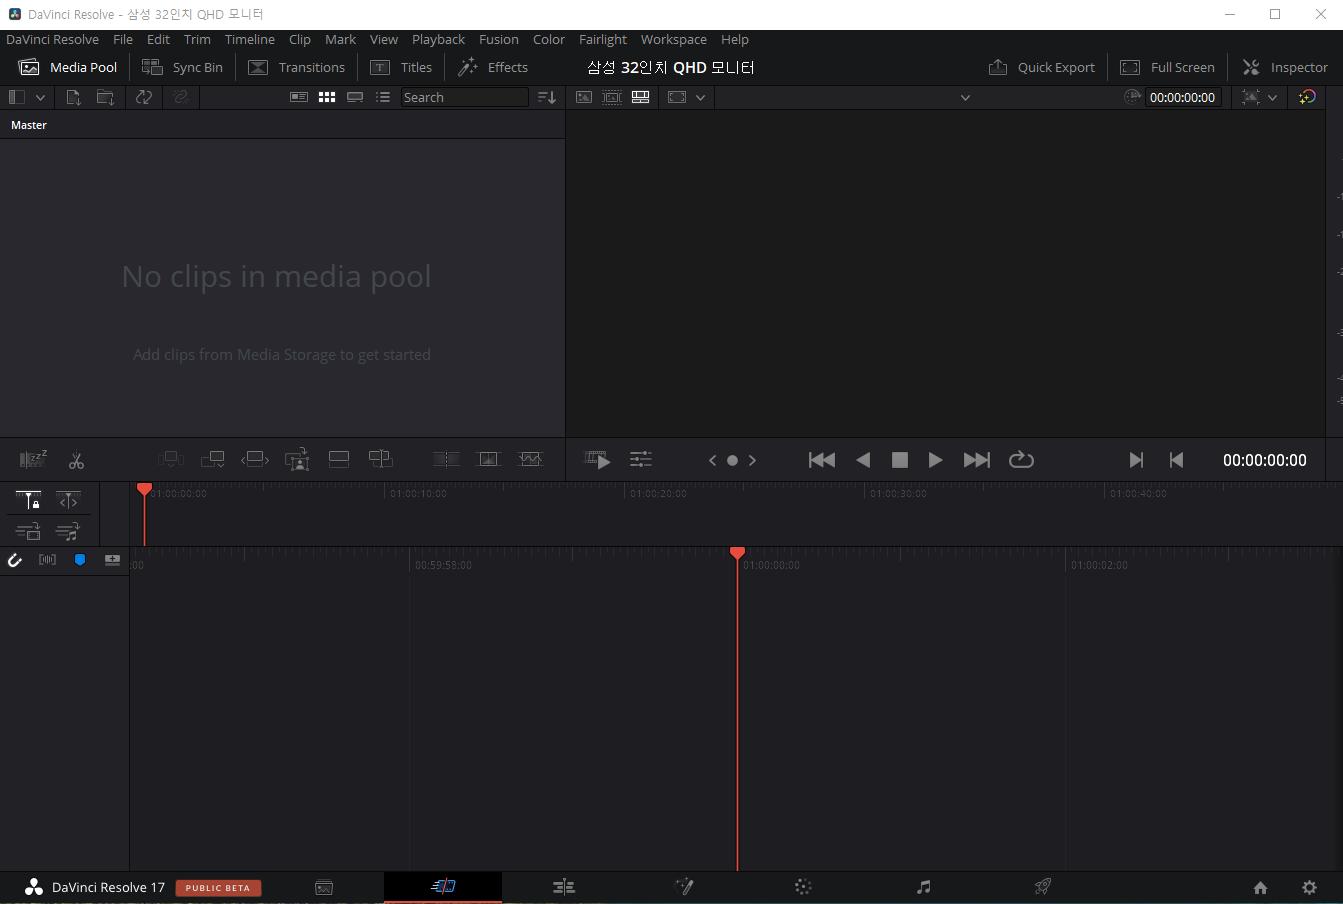 무료 동영상 편집 프로그램 추천 다빈치 리졸브 사용방법 이미지 4